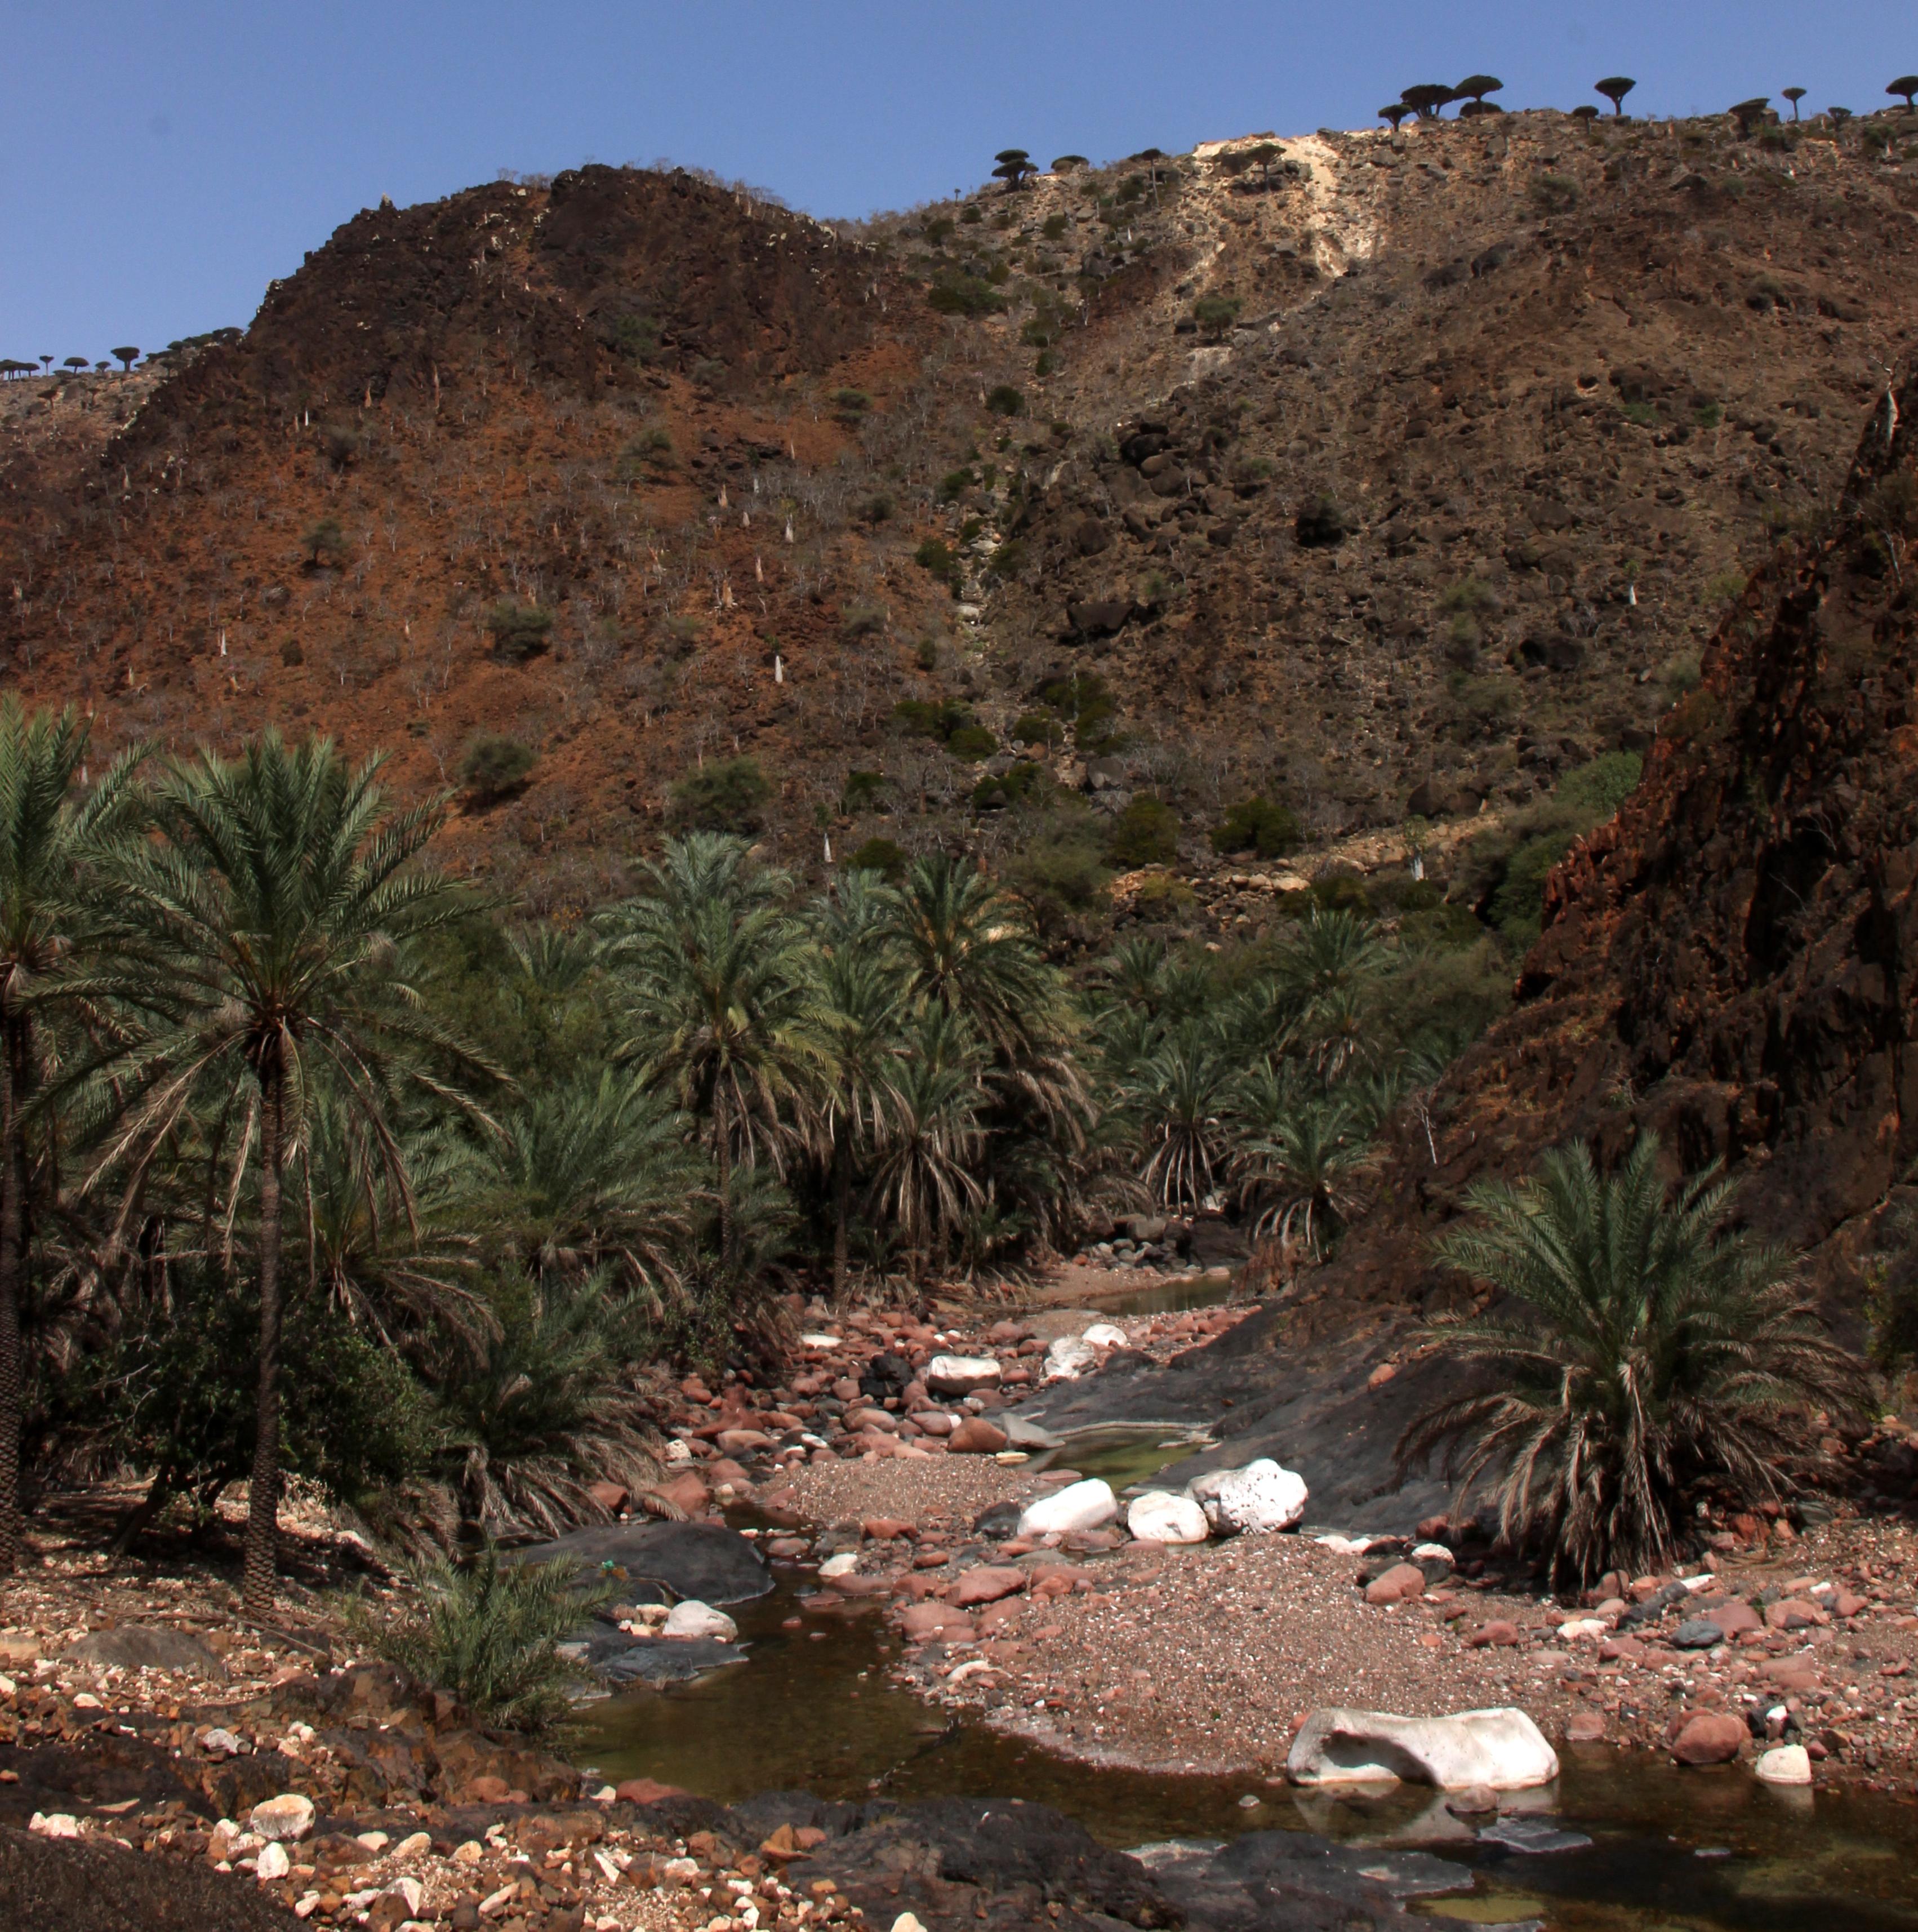 Wadi Dirhur had